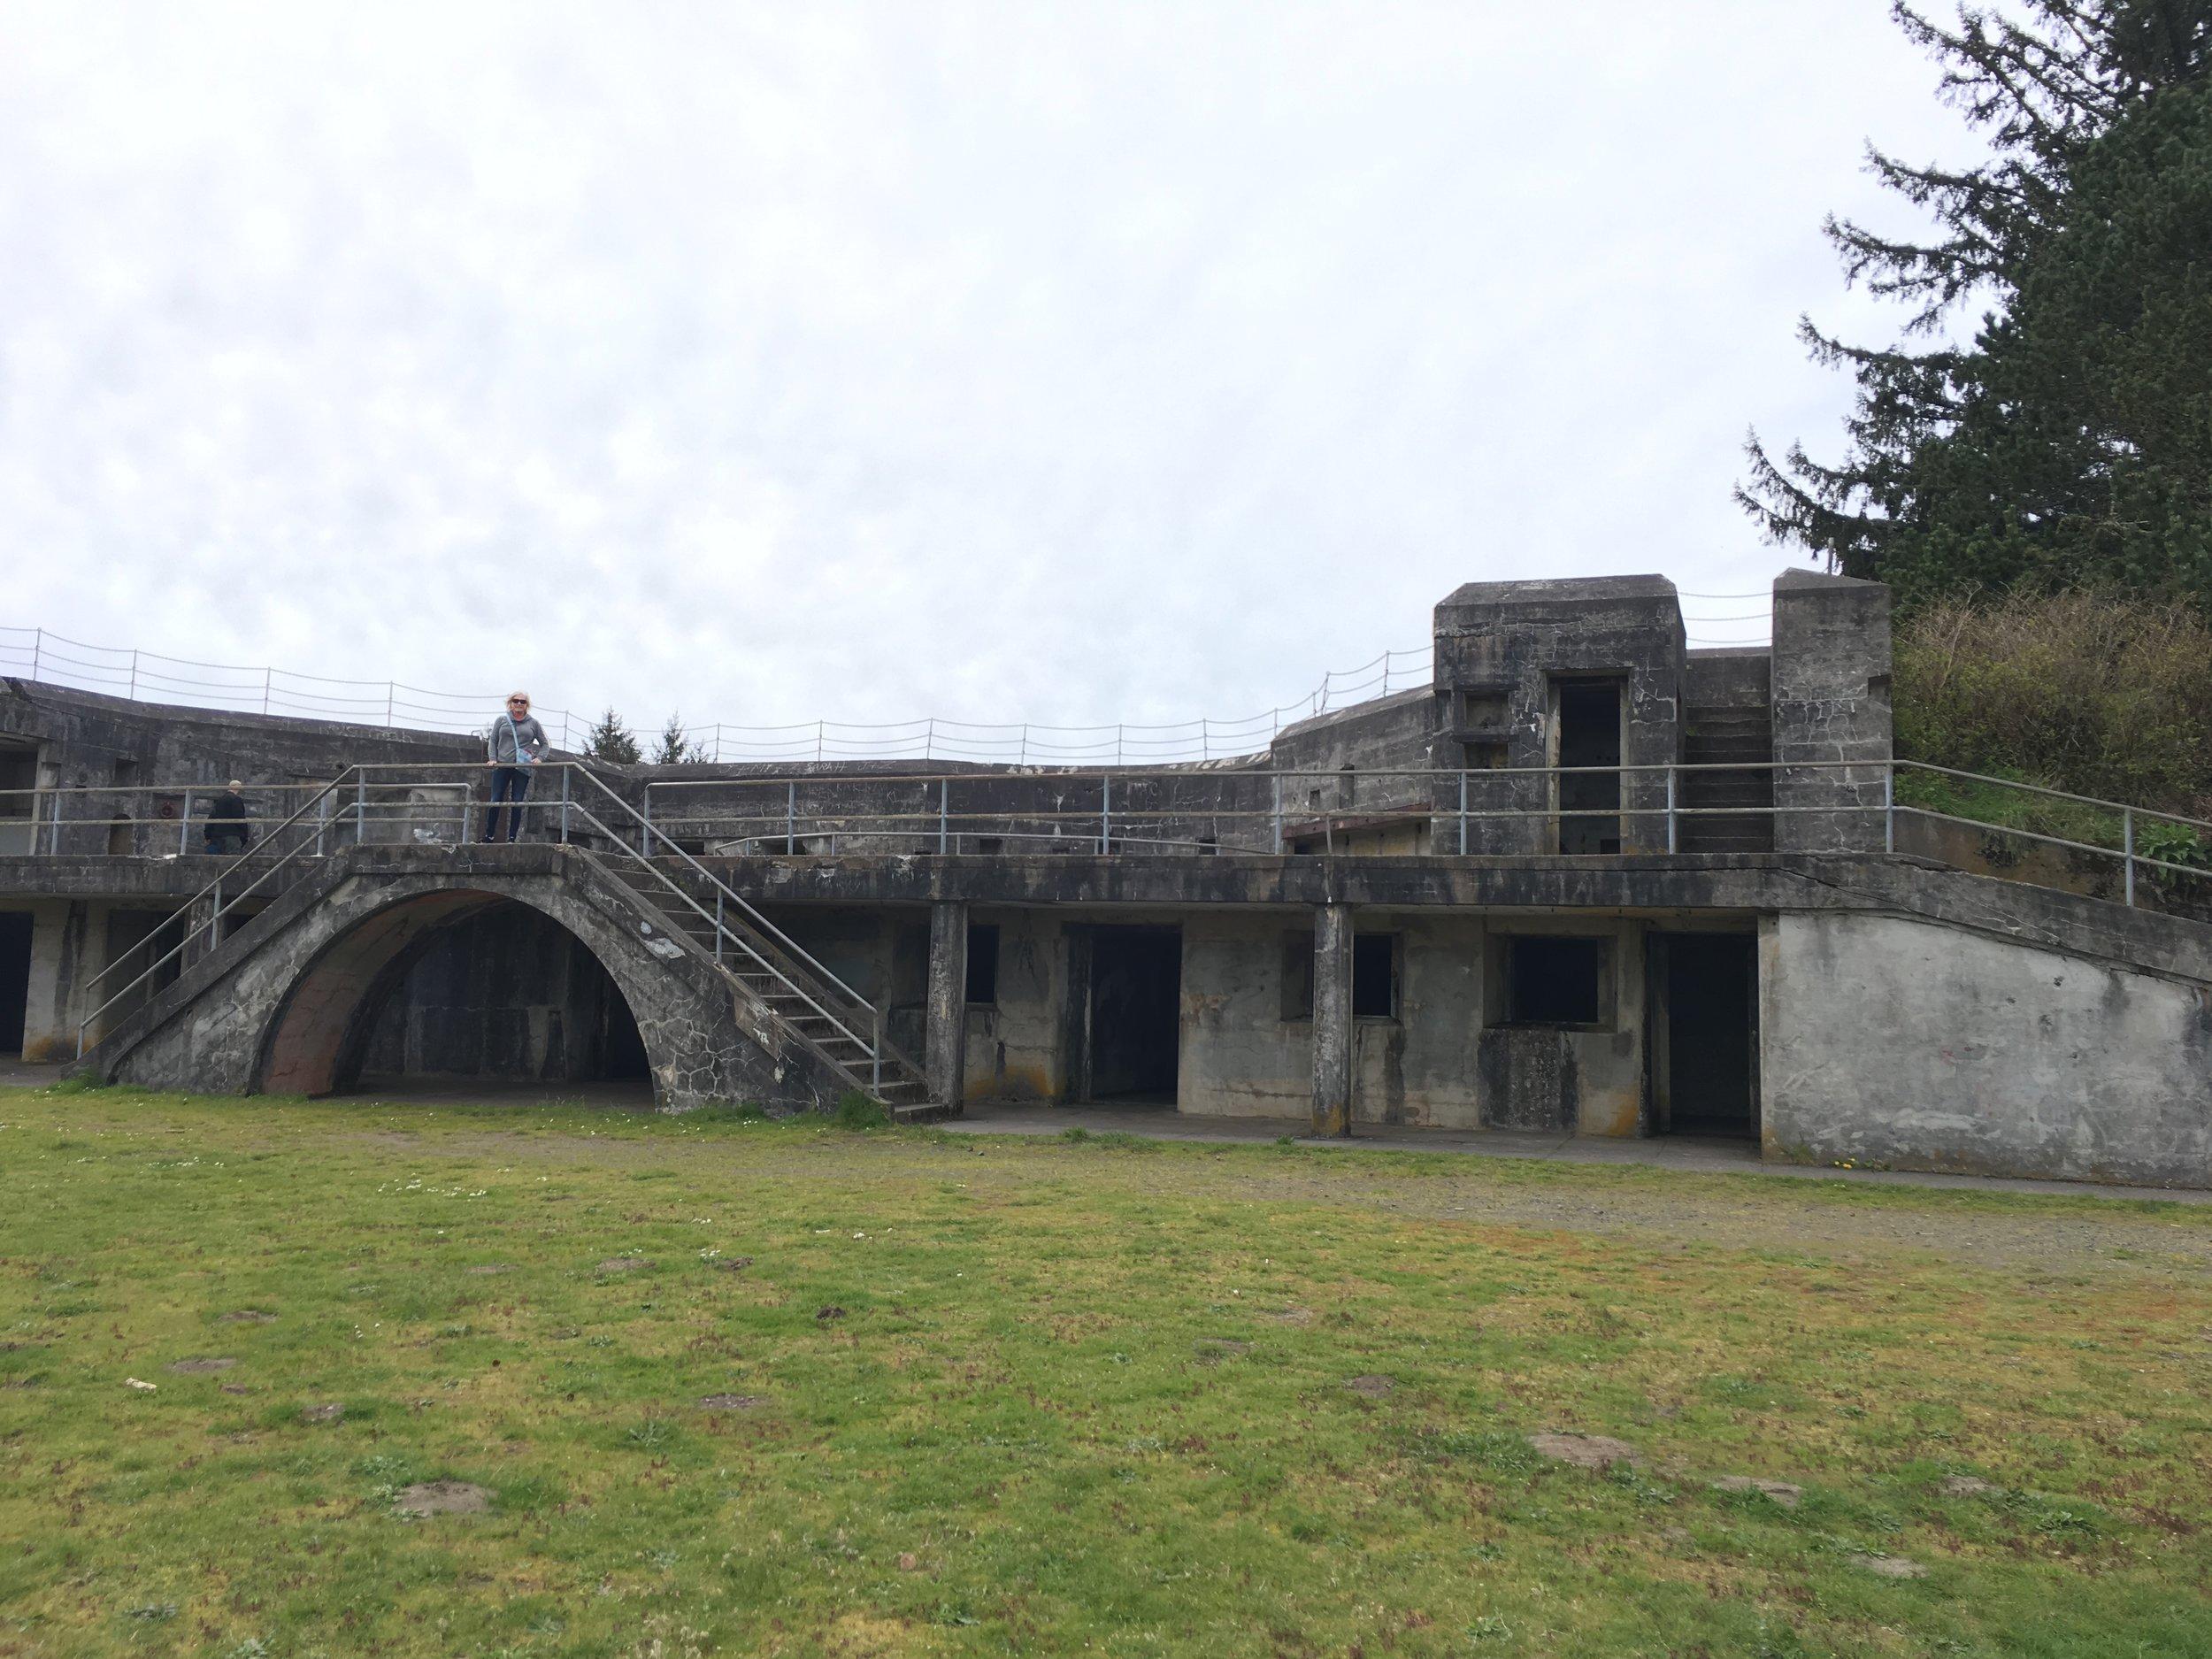 Fort Stevens, Oregon was built during the Civil War.